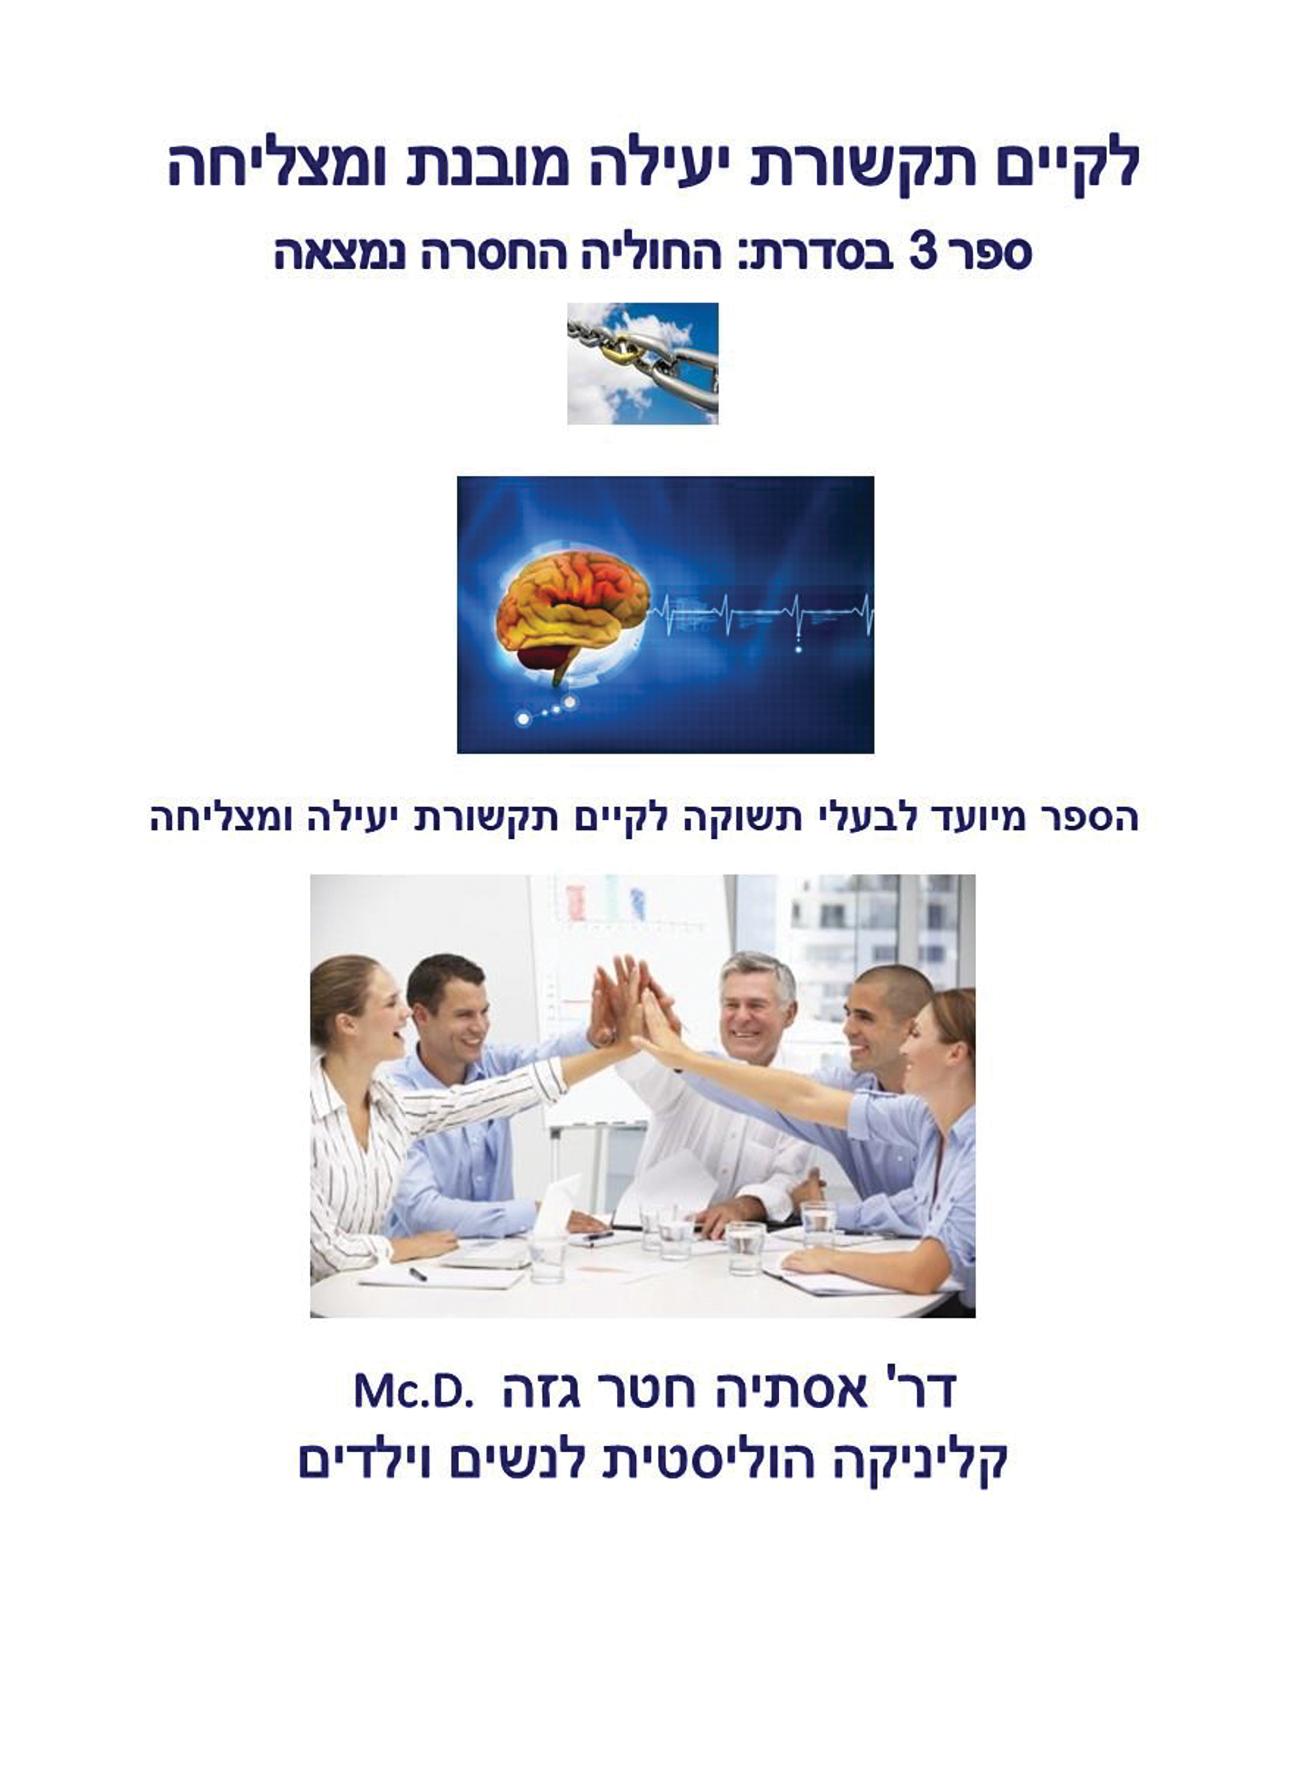 תקשורת מצליחה יעילה ומובנת